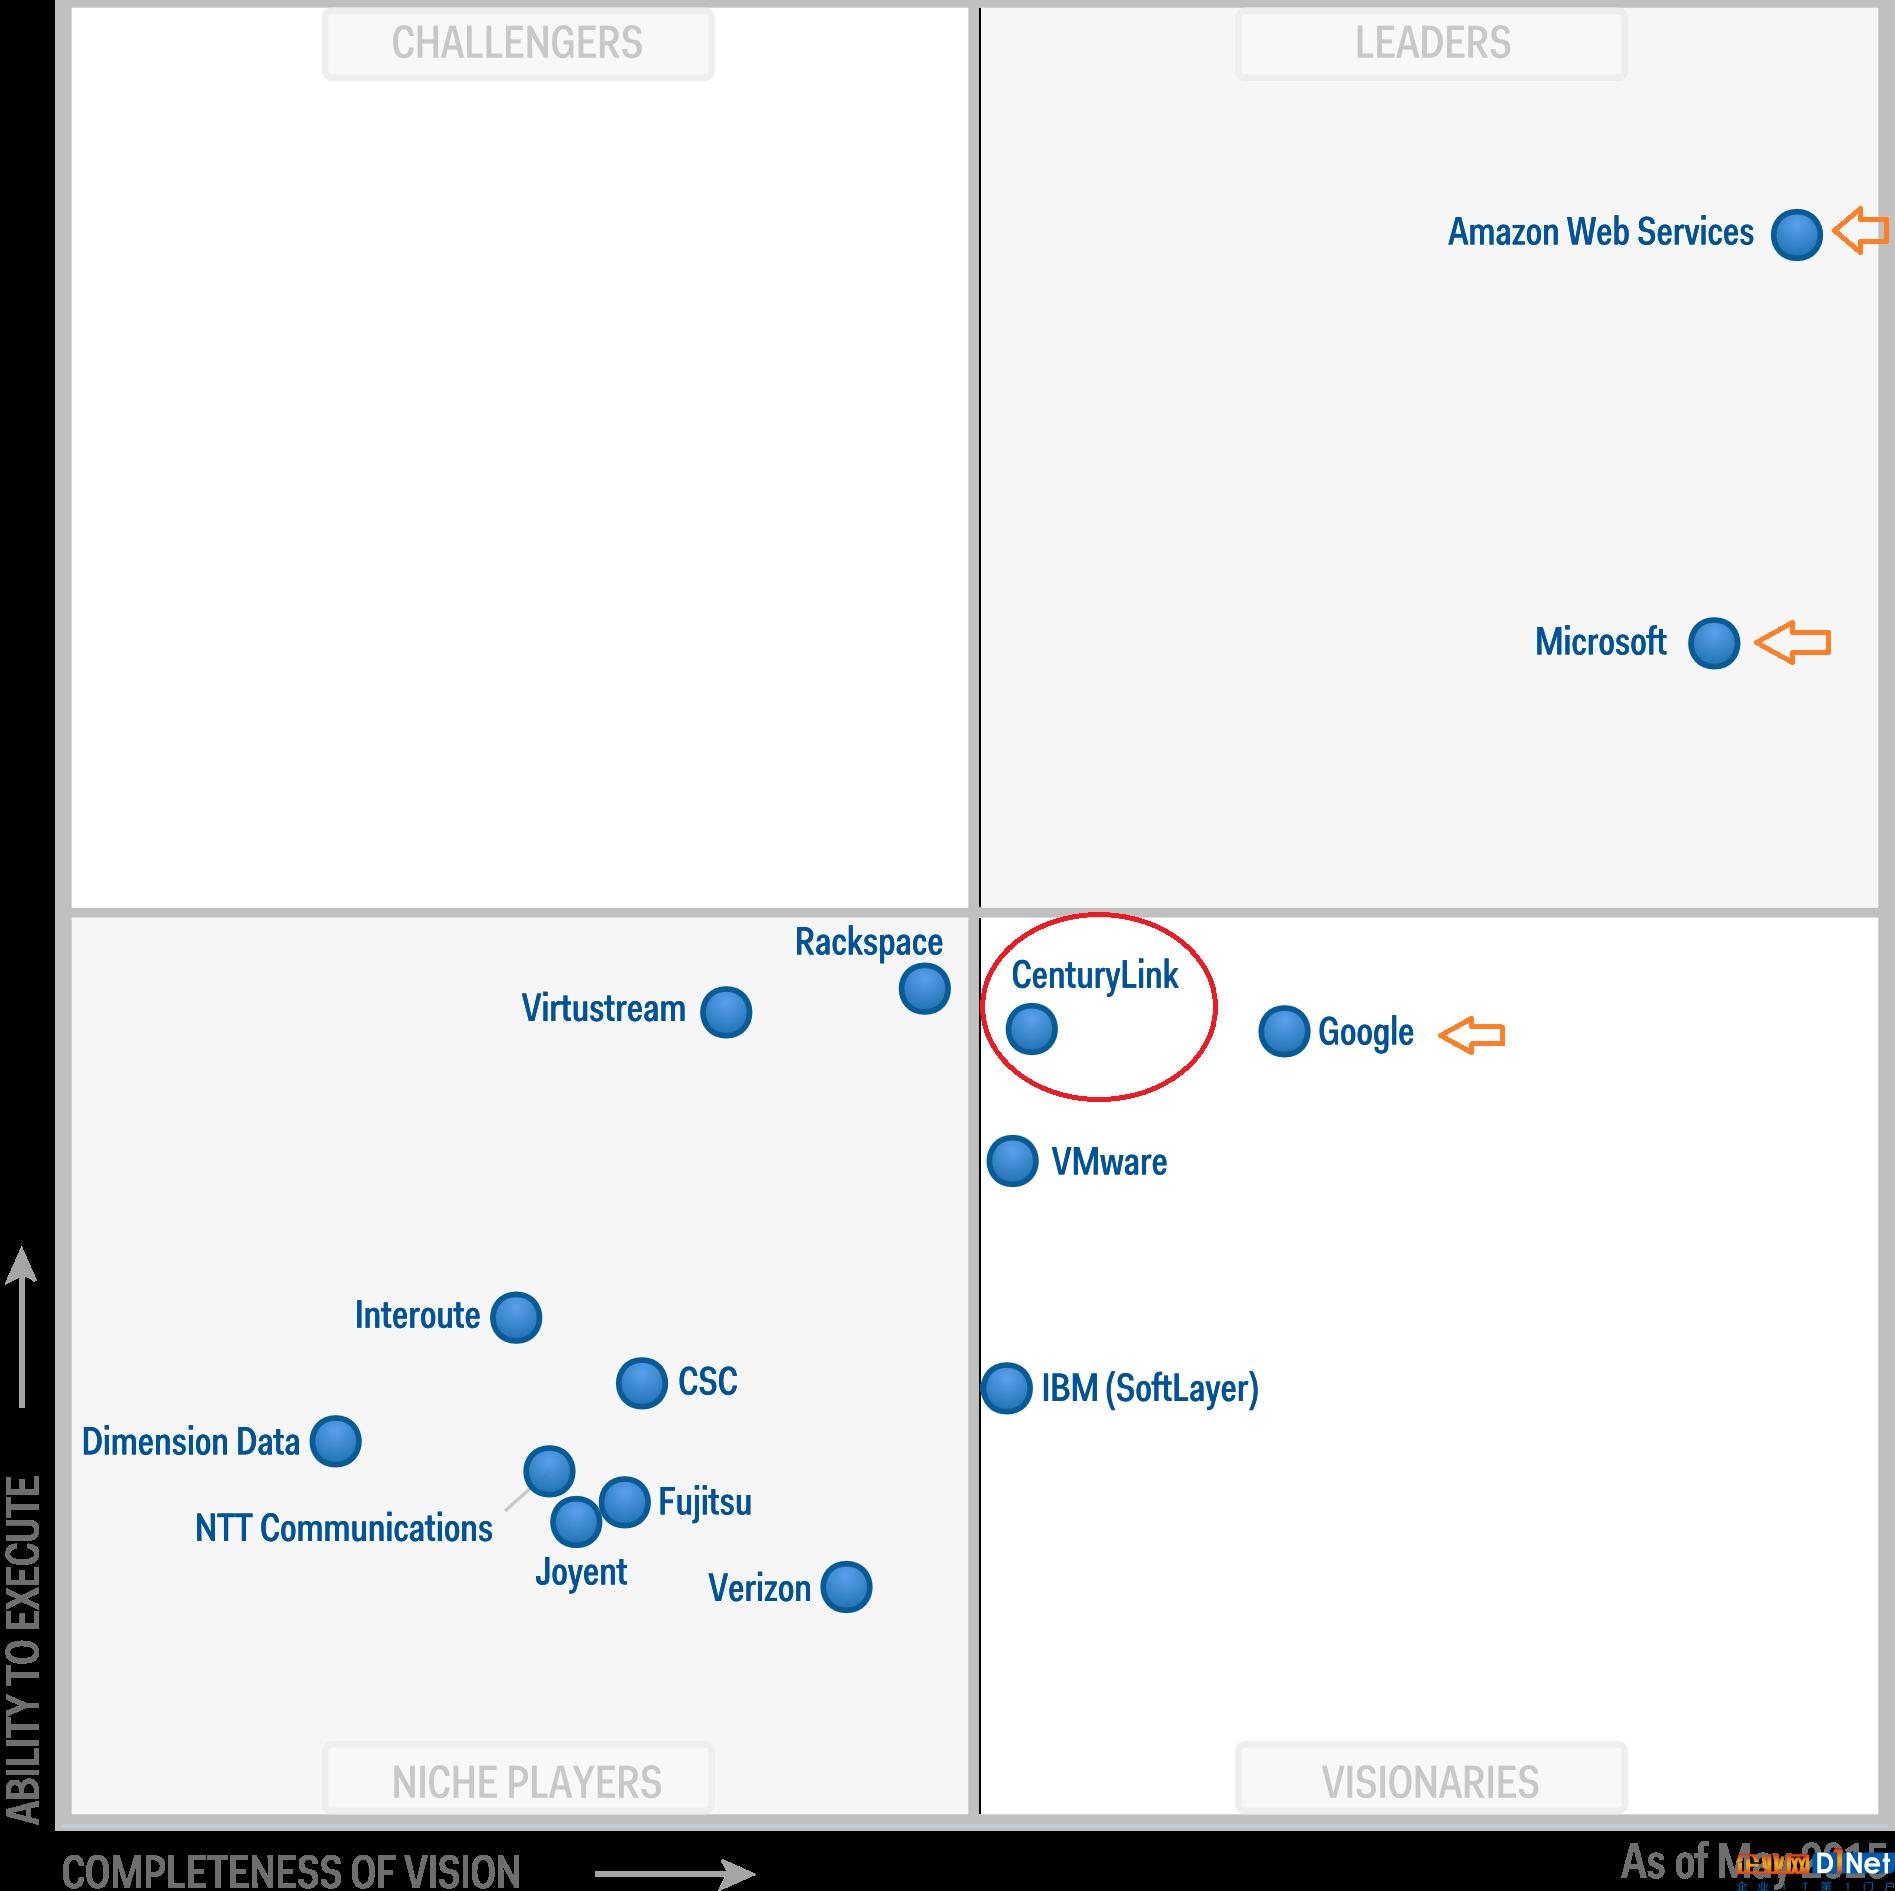 这是2016年8月发布的最新Magic Quadrant,由于Verizon关闭了Verizon Public Cloud和Reserved Public Cloud services(仍然保留了Verizon Private Cloud/VPC和Verizon Cloud Storage services),所以2016年的评估报告已经找不到Verizon Terrmark了。